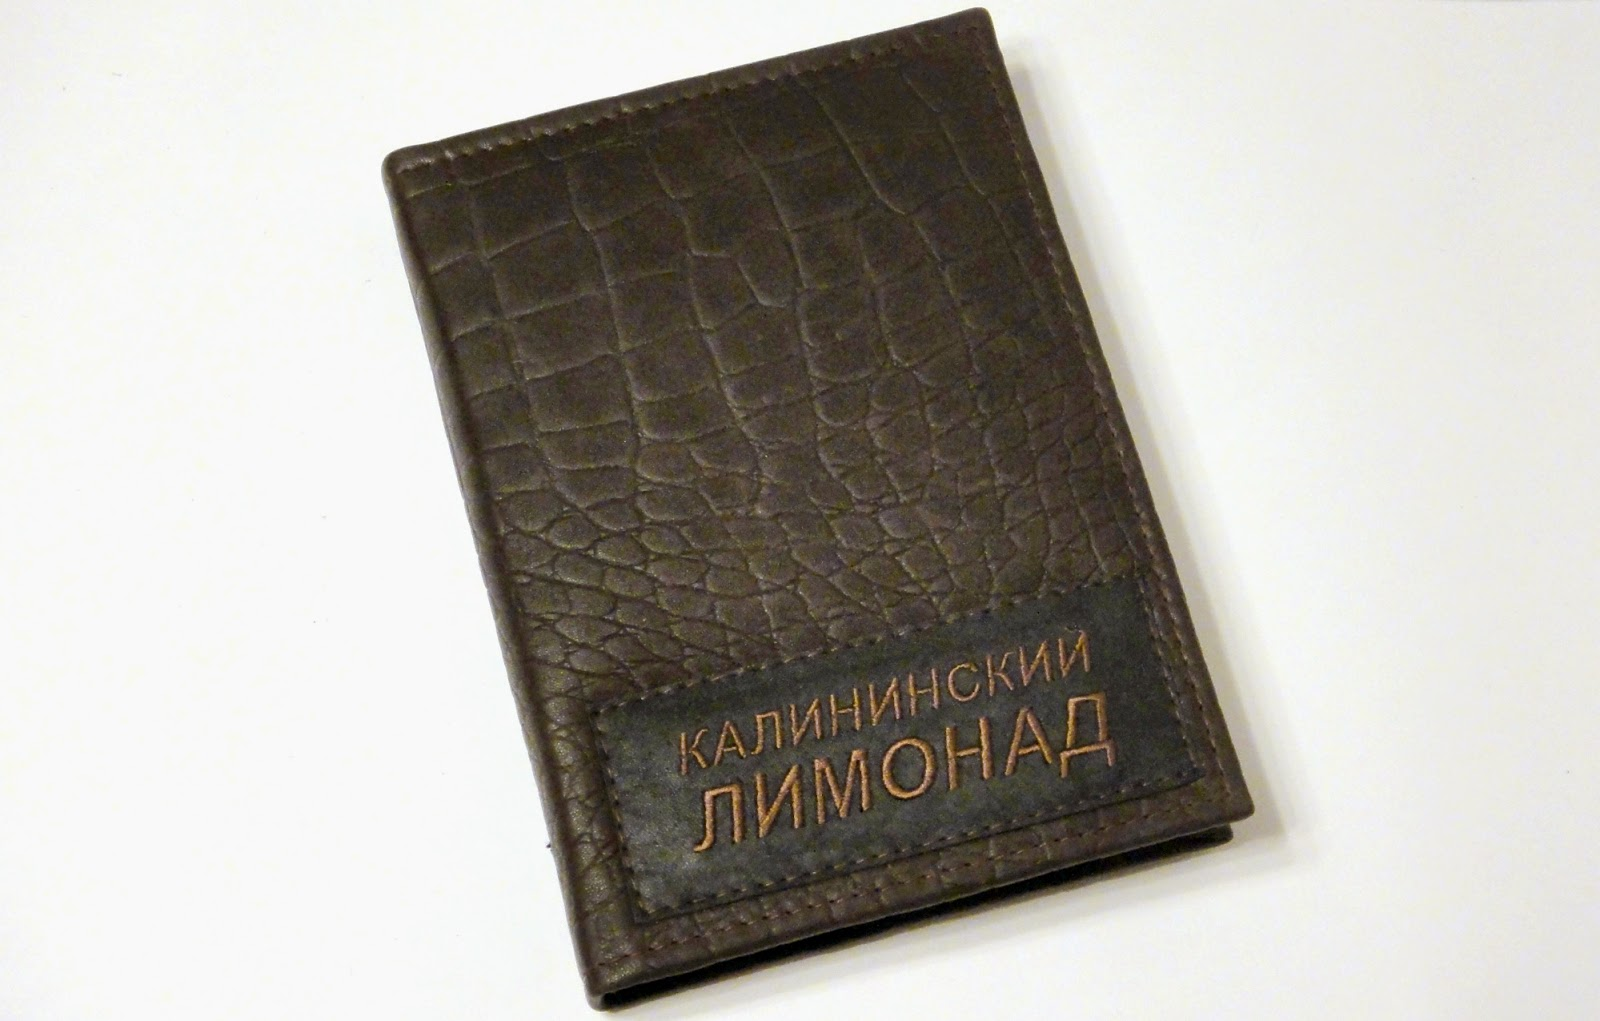 Подарочный ежедневник с логотипом из кожи рептилия - корпоративный сувенир коллеге